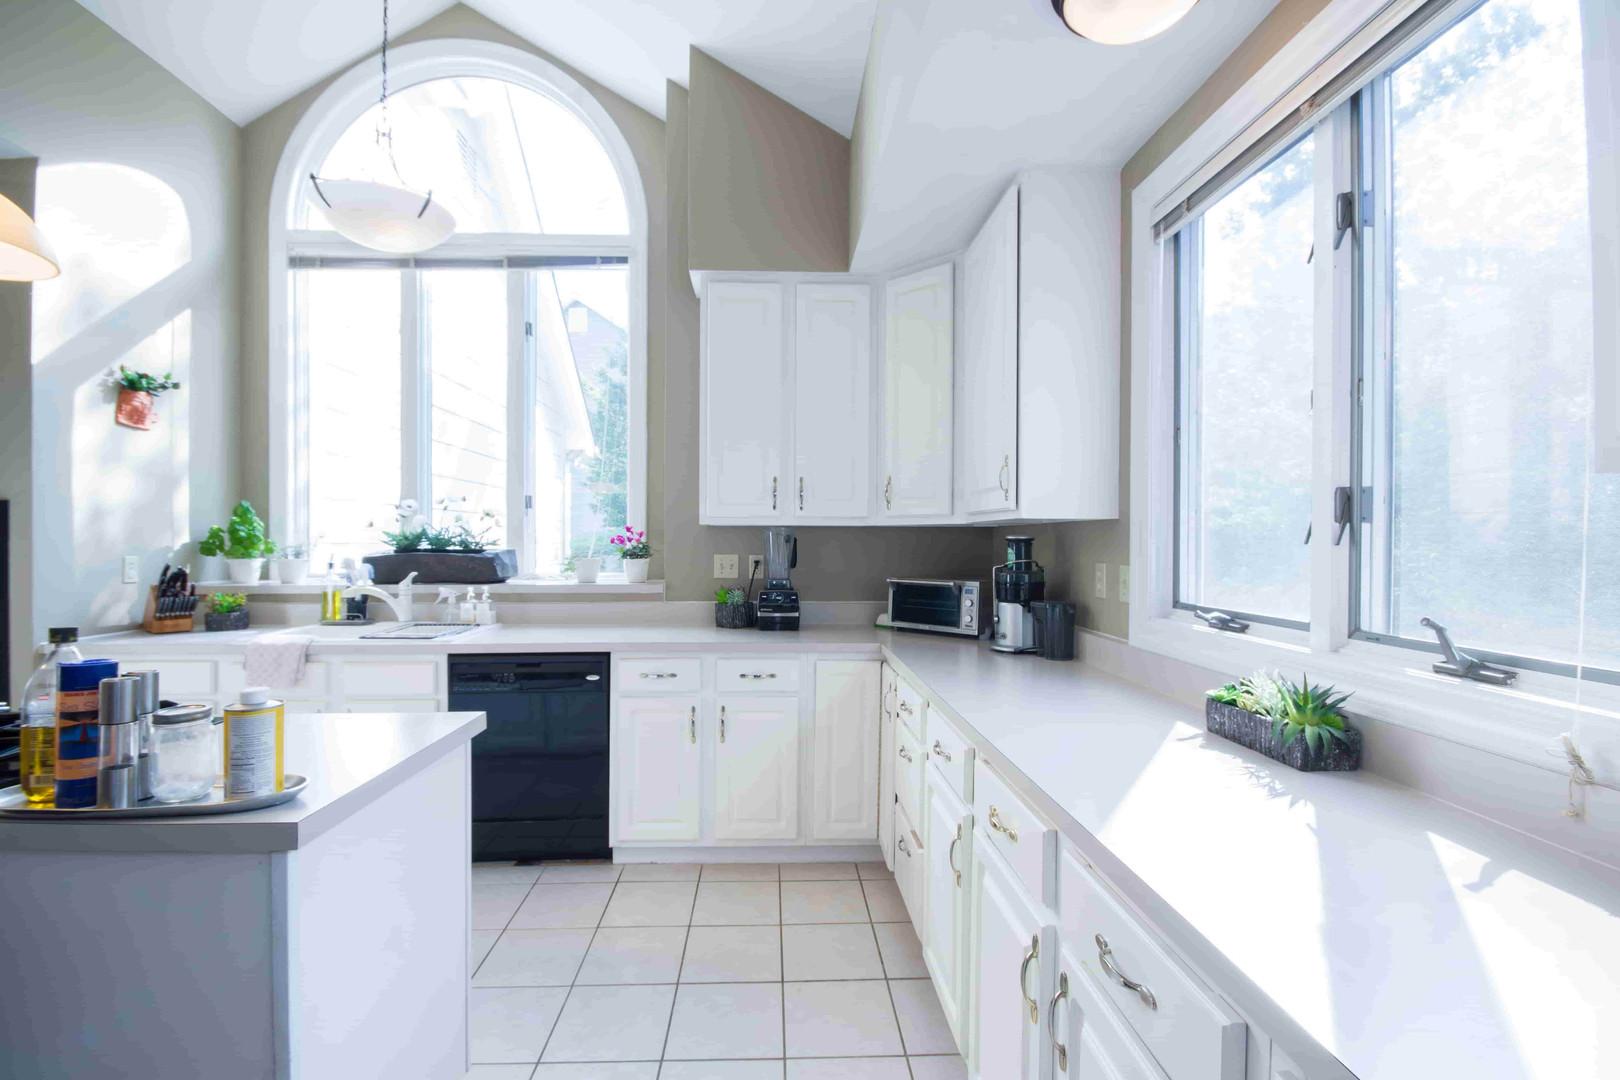 apartment-architecture-artistic-1838065-